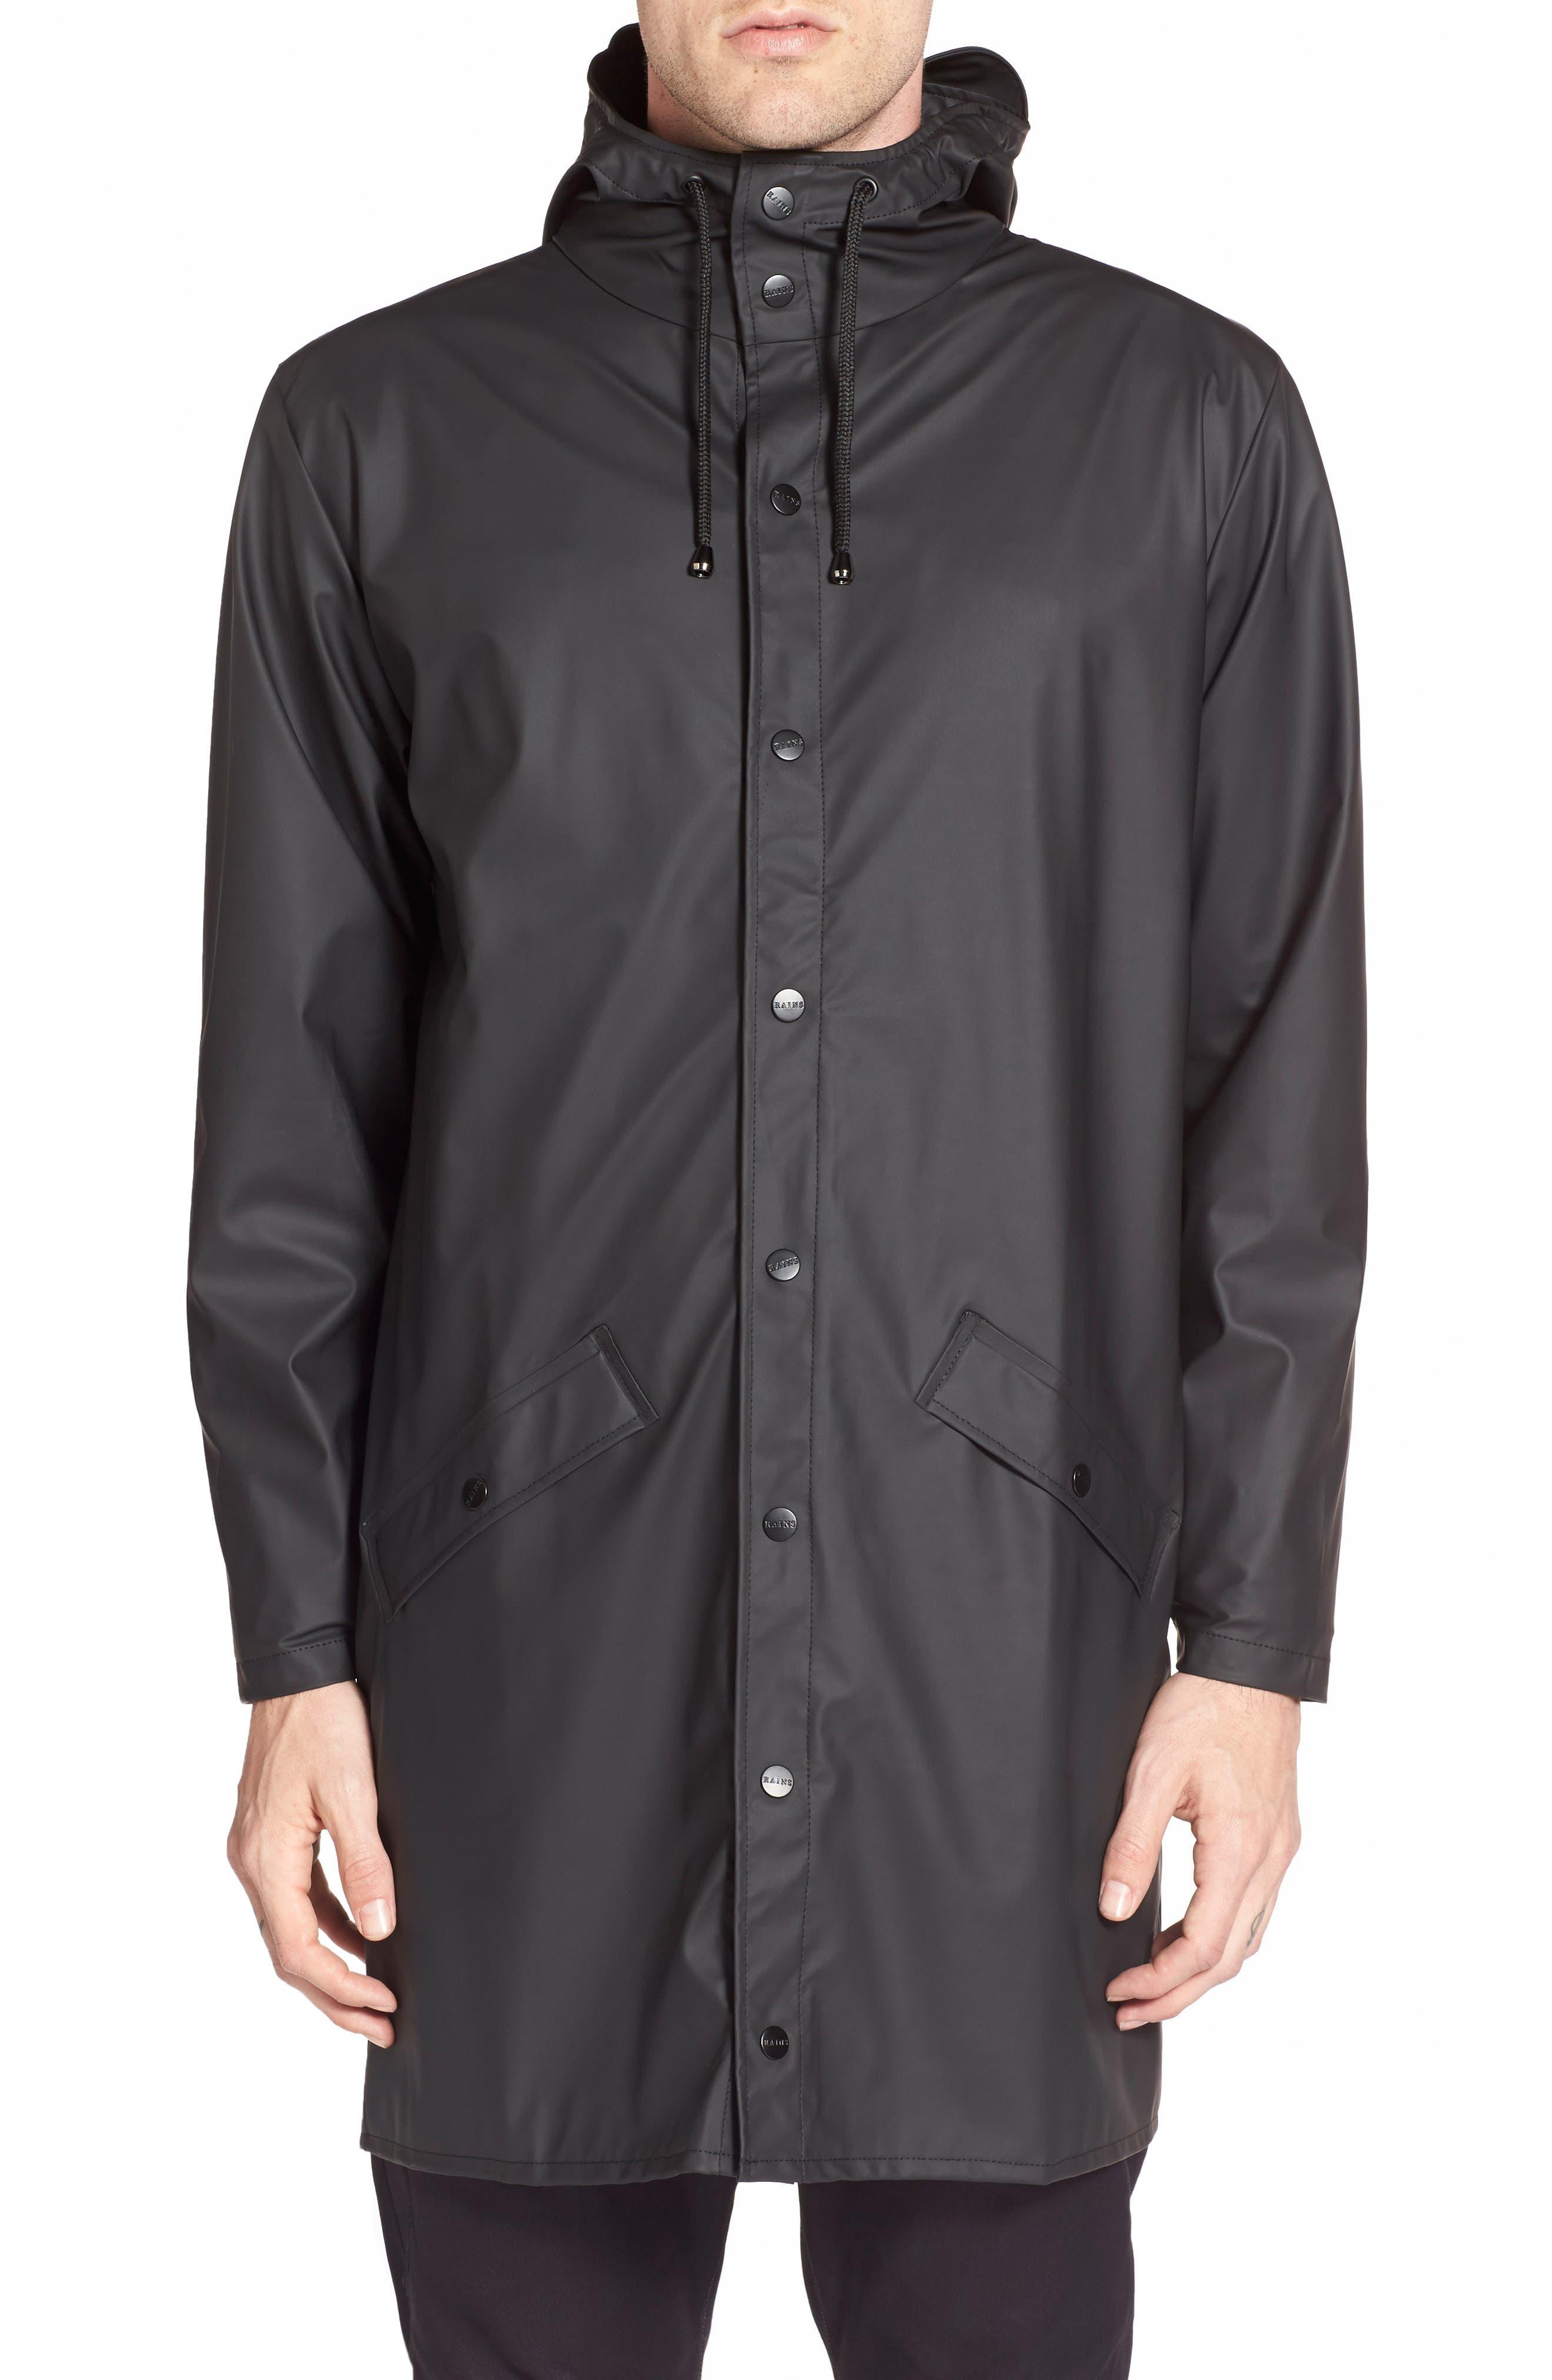 RAINS, Waterproof Hooded Long Rain Jacket, Main thumbnail 1, color, BLACK